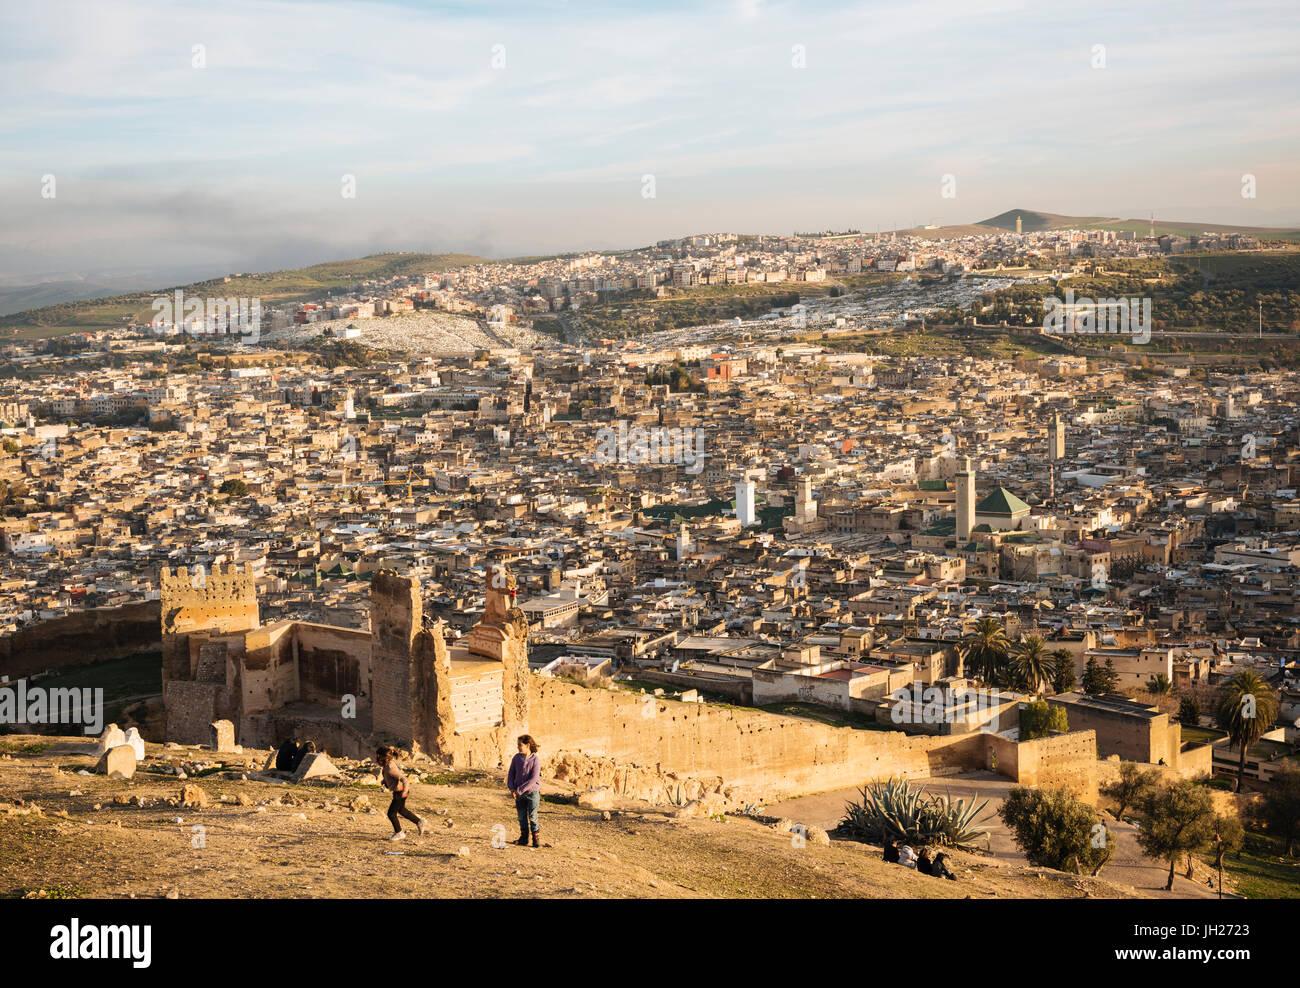 Vistas de la ciudad desde las tumbas Merenid al atardecer, en Fes, Marruecos, Norte de África, África Imagen De Stock